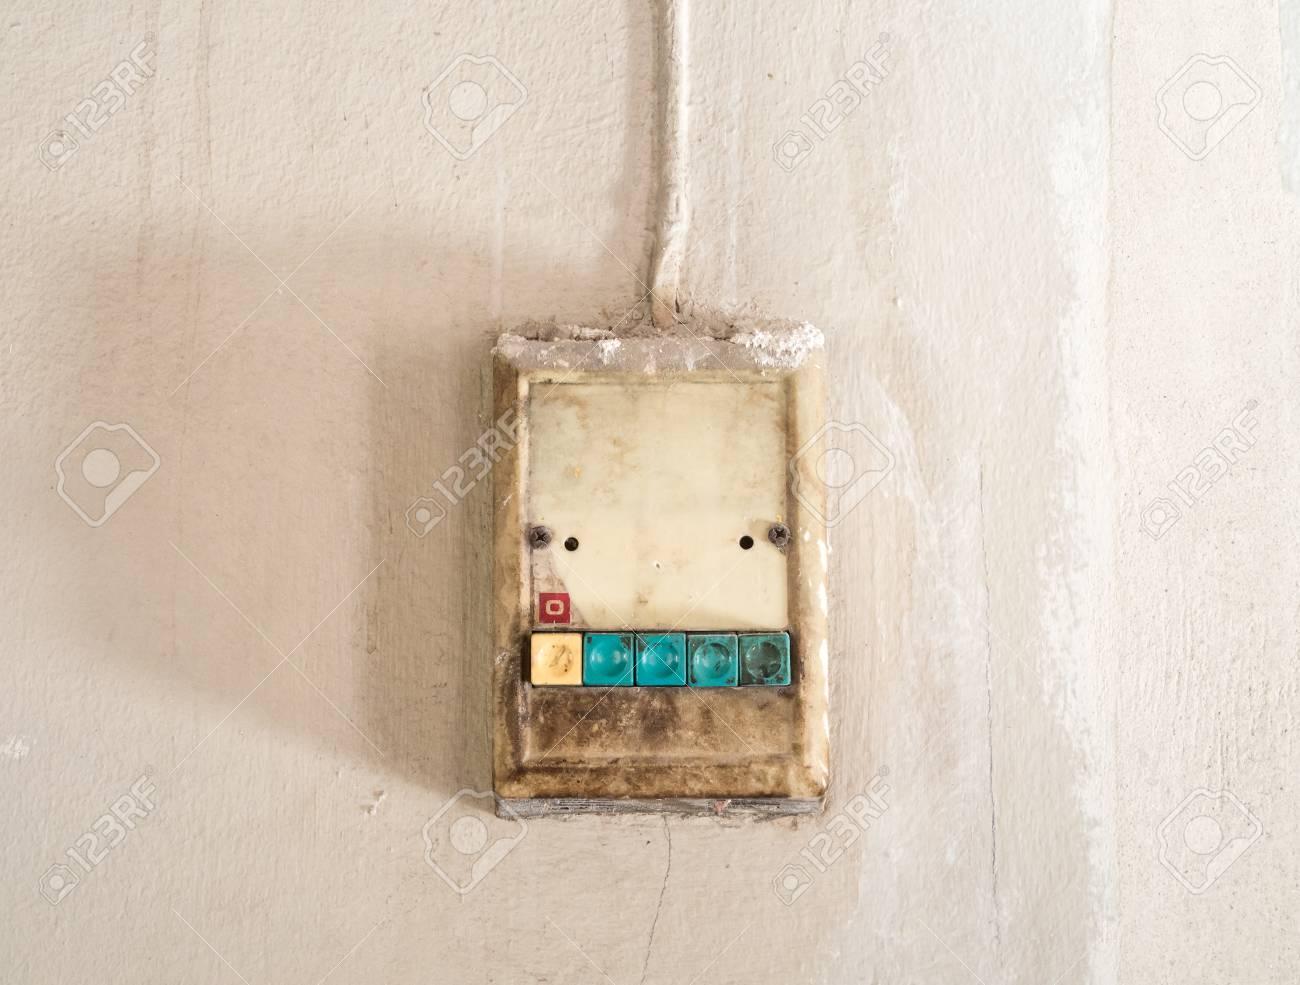 Der Alte Elektrische Schalter Auf Der Welt. Lizenzfreie Fotos ...